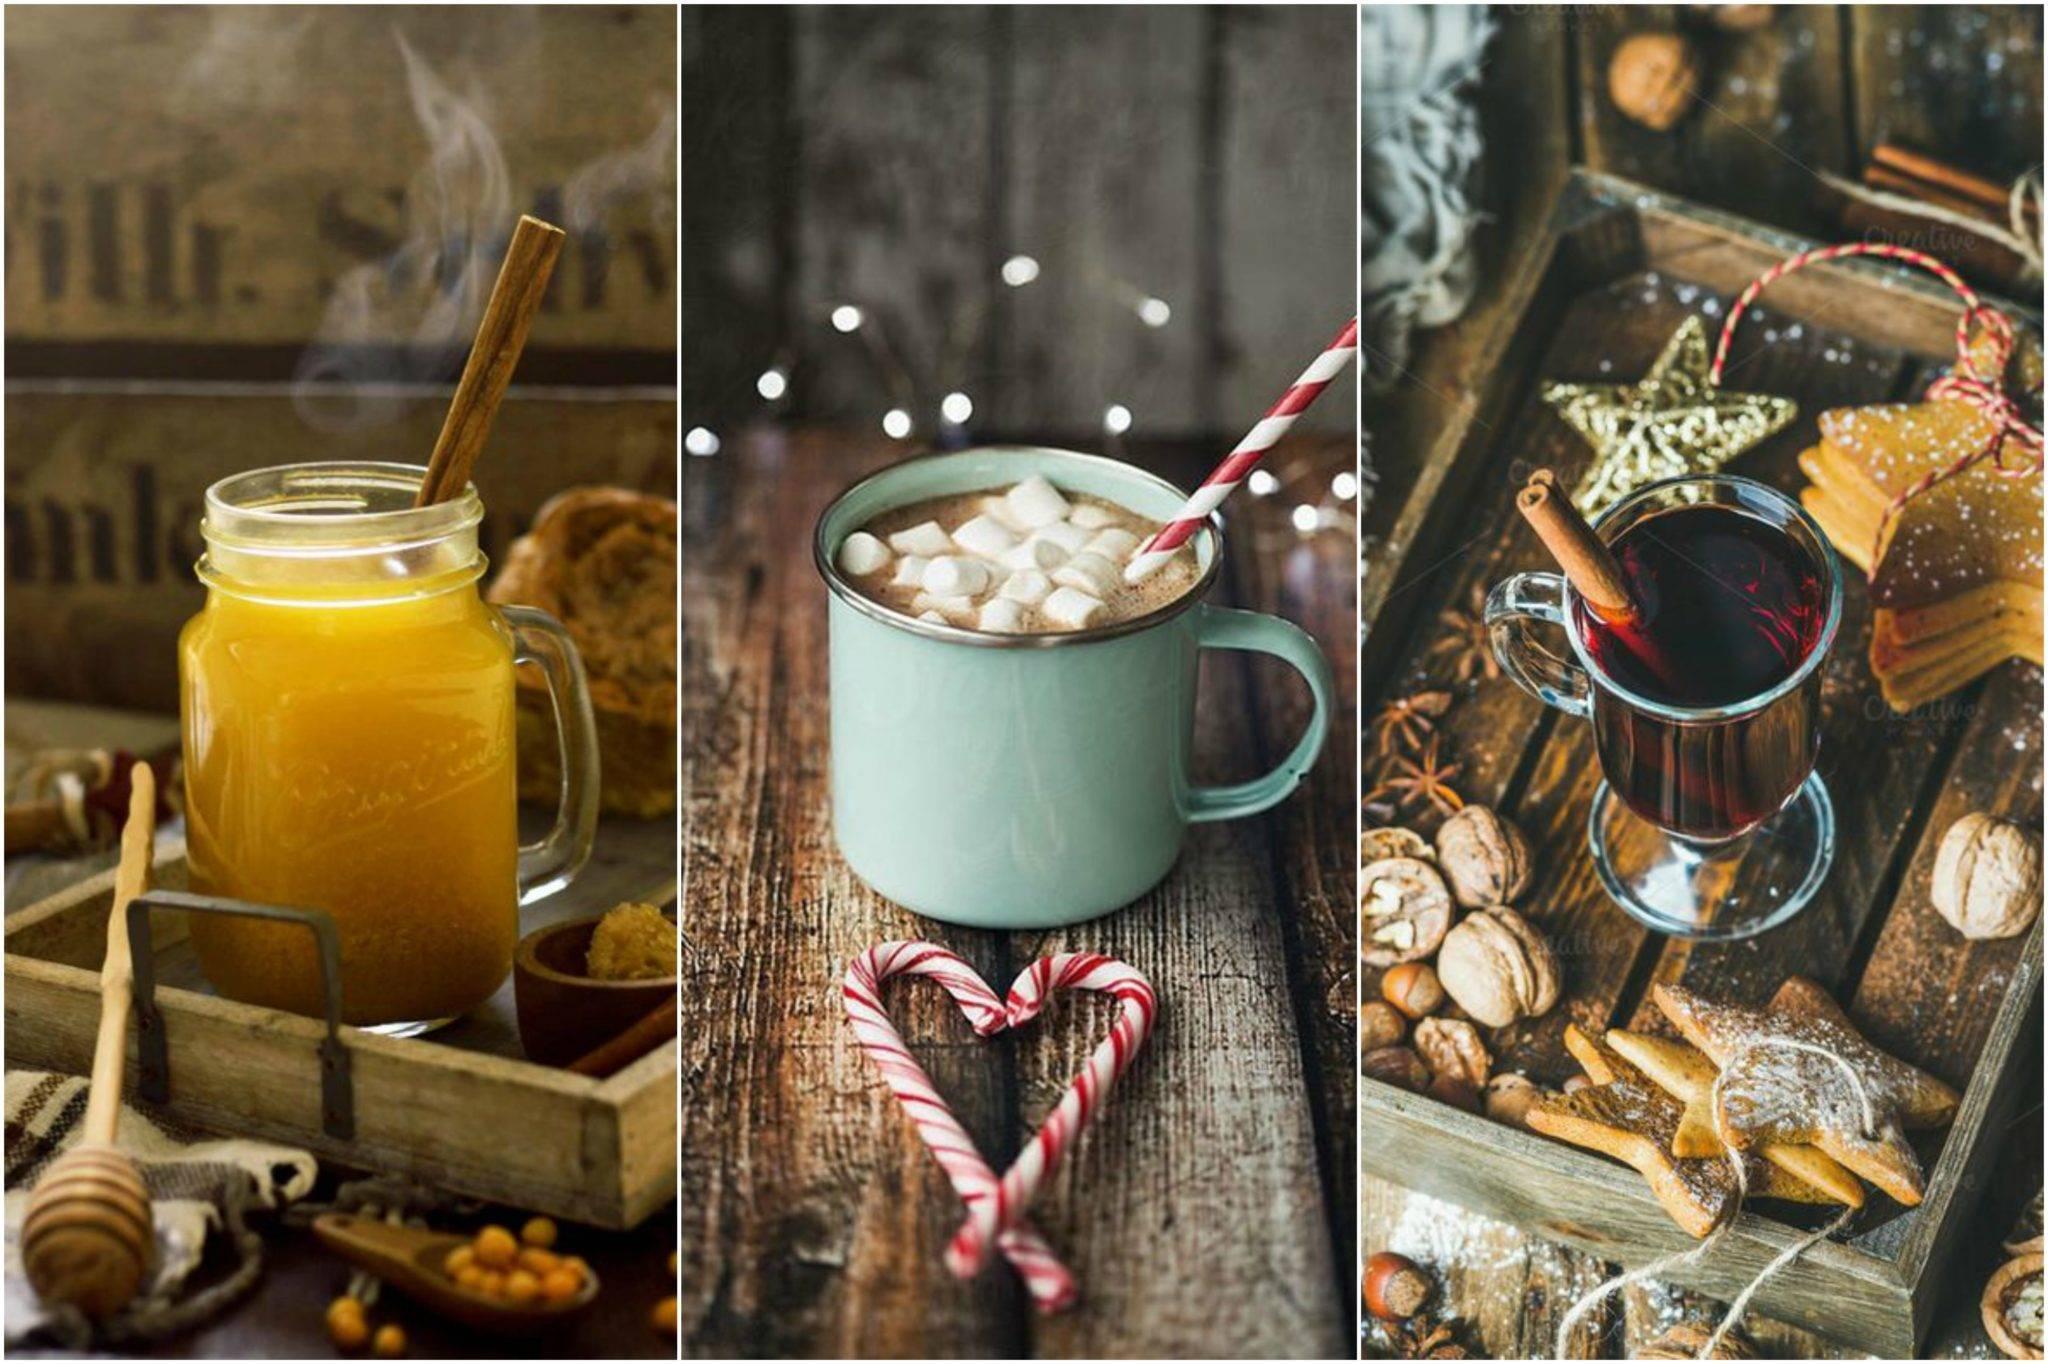 Горячий шоколад эверест игра кофейня рецепт - простые пошаговые рецепты с фотографиями